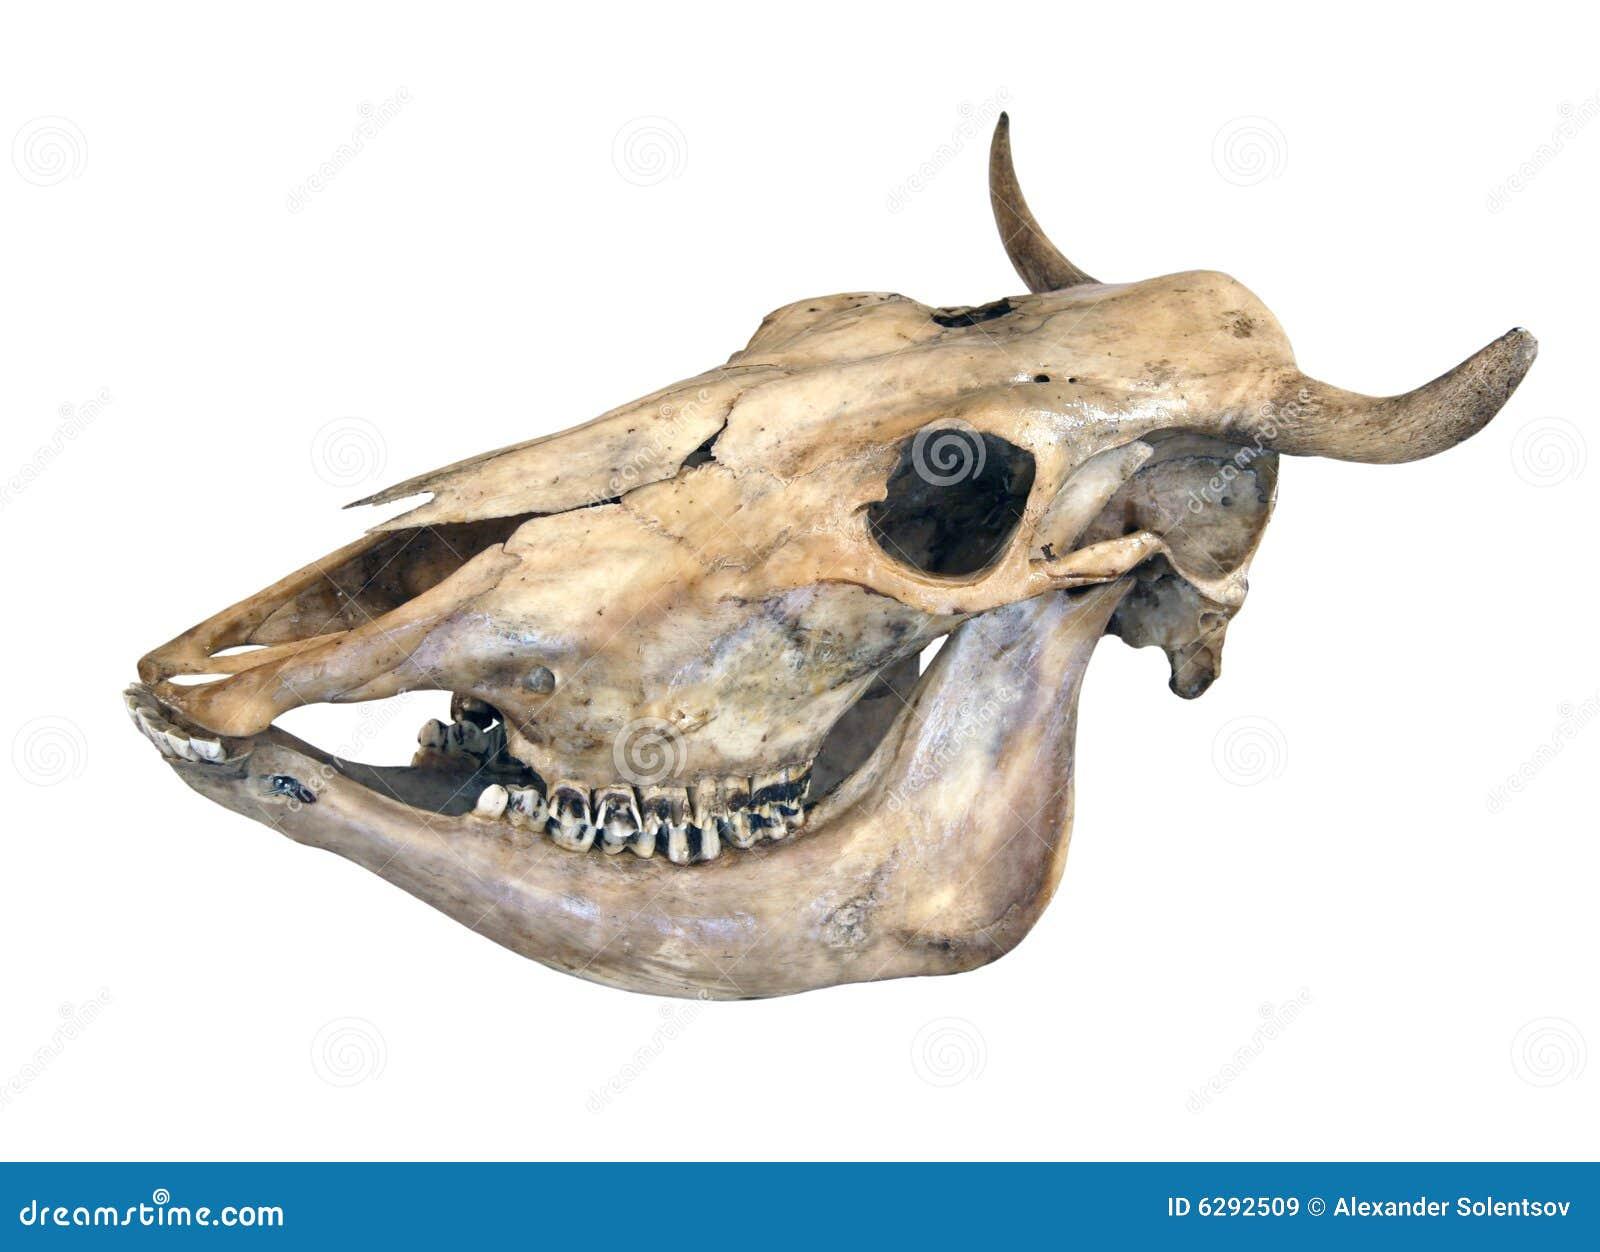 Schädel einer Kuh stockbild. Bild von kopf, schädel, getrennt - 6292509